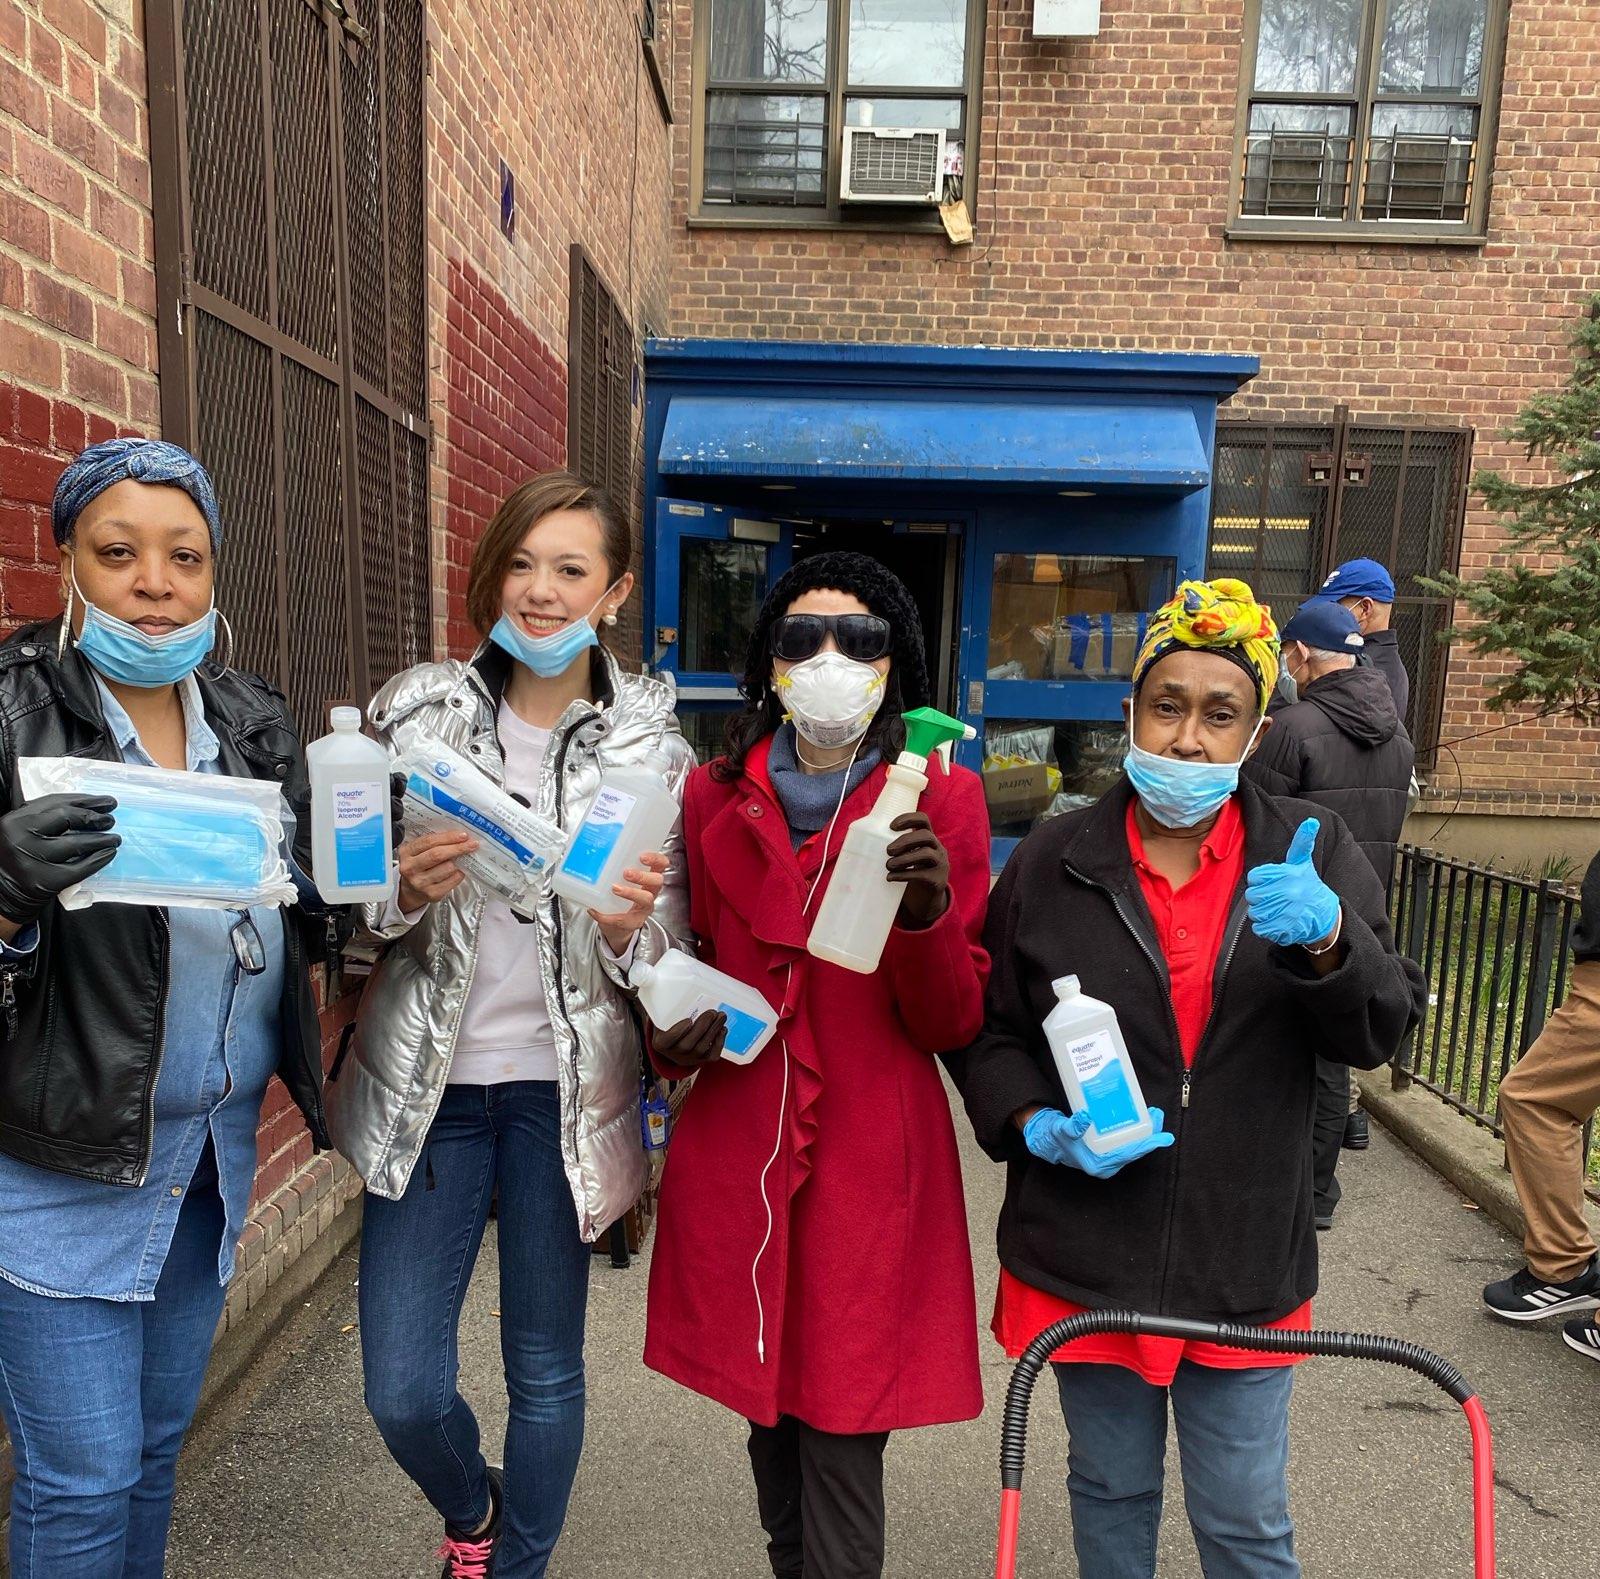 楊愛倫(右二)及馮子馨(左二)捐助毒酒精液及口罩手套等防護物資給法拉盛政府樓布蘭德屋社區中心。